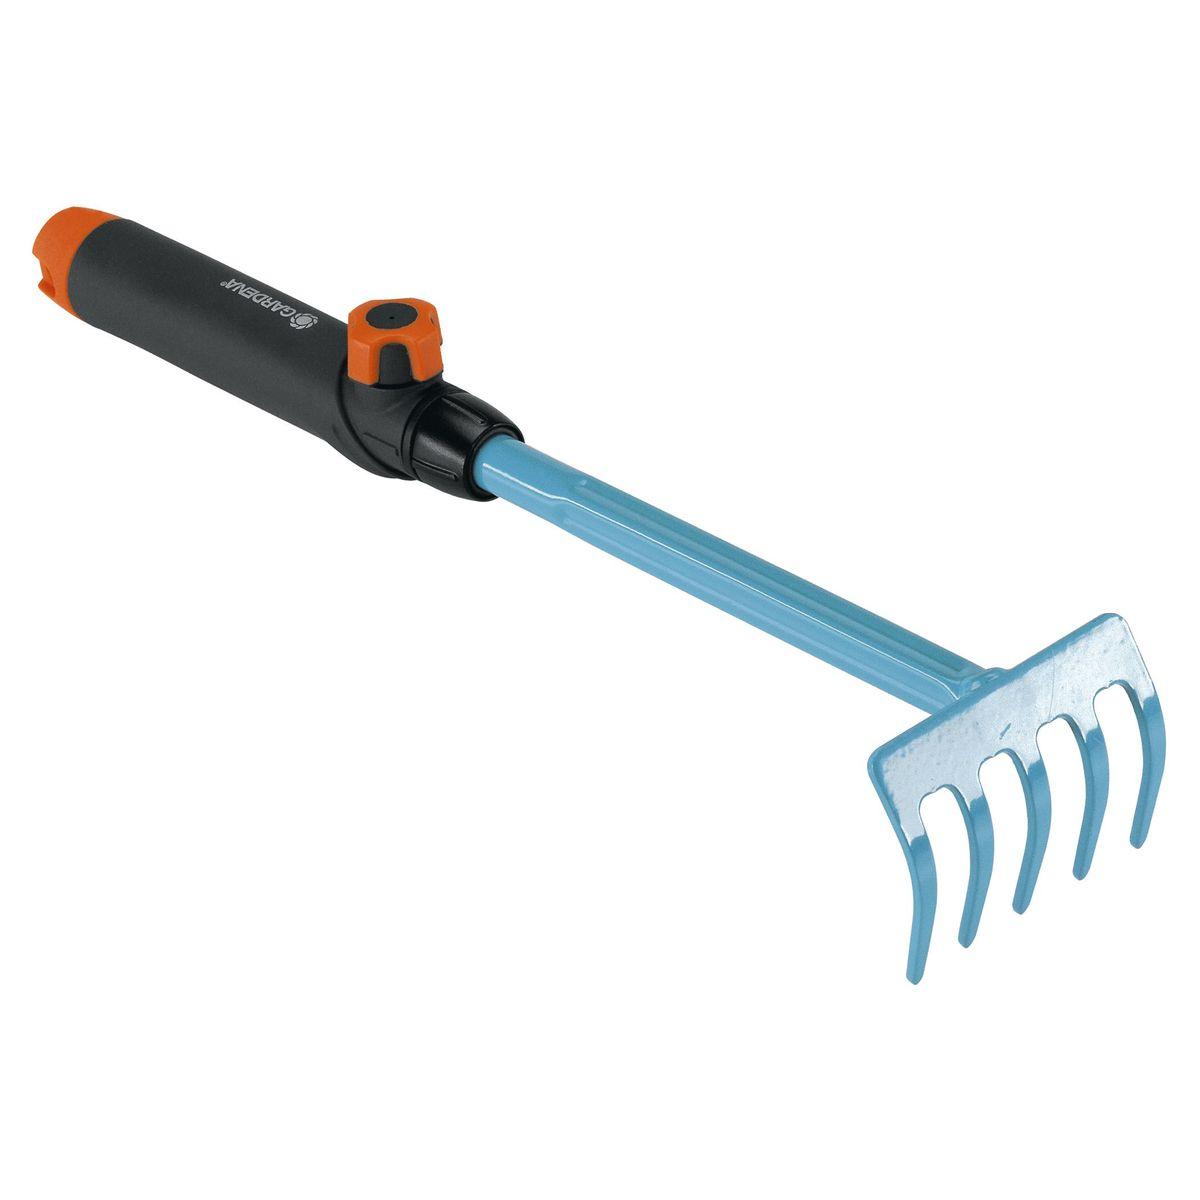 Грабли цветочные Gardena08926-20.000.00Грабли цветочные Gardena идеально подходят для сгребания и рыхления почвы. Ручка специальной формы удобно лежит в руке, что облегчает работу. Ручка легко снимается и может быть заменена на любую другую ручку, которая будет подходить пользователю по росту и избавит от необходимости нагибаться. Грабли цветочные выполнены из высококачественной стали с покрытием из дюропласта. Рабочая ширина: 8,5 см.